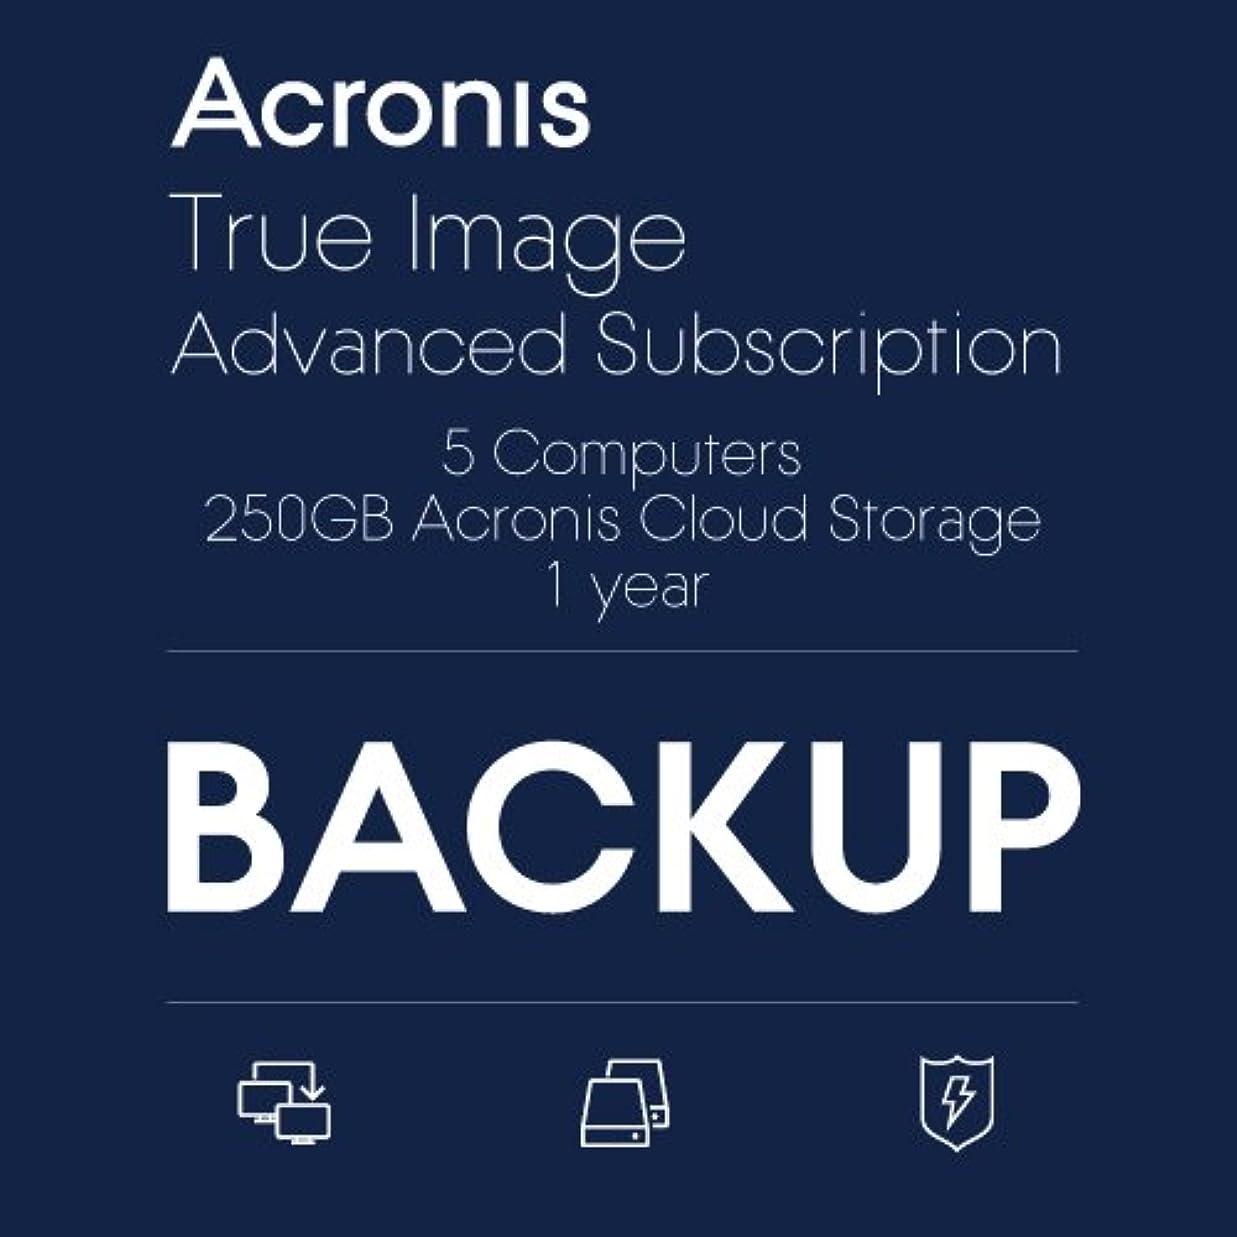 慈悲深い異なる一節Acronis True Image Advanced Subscription 5 Computers|オンラインコード版